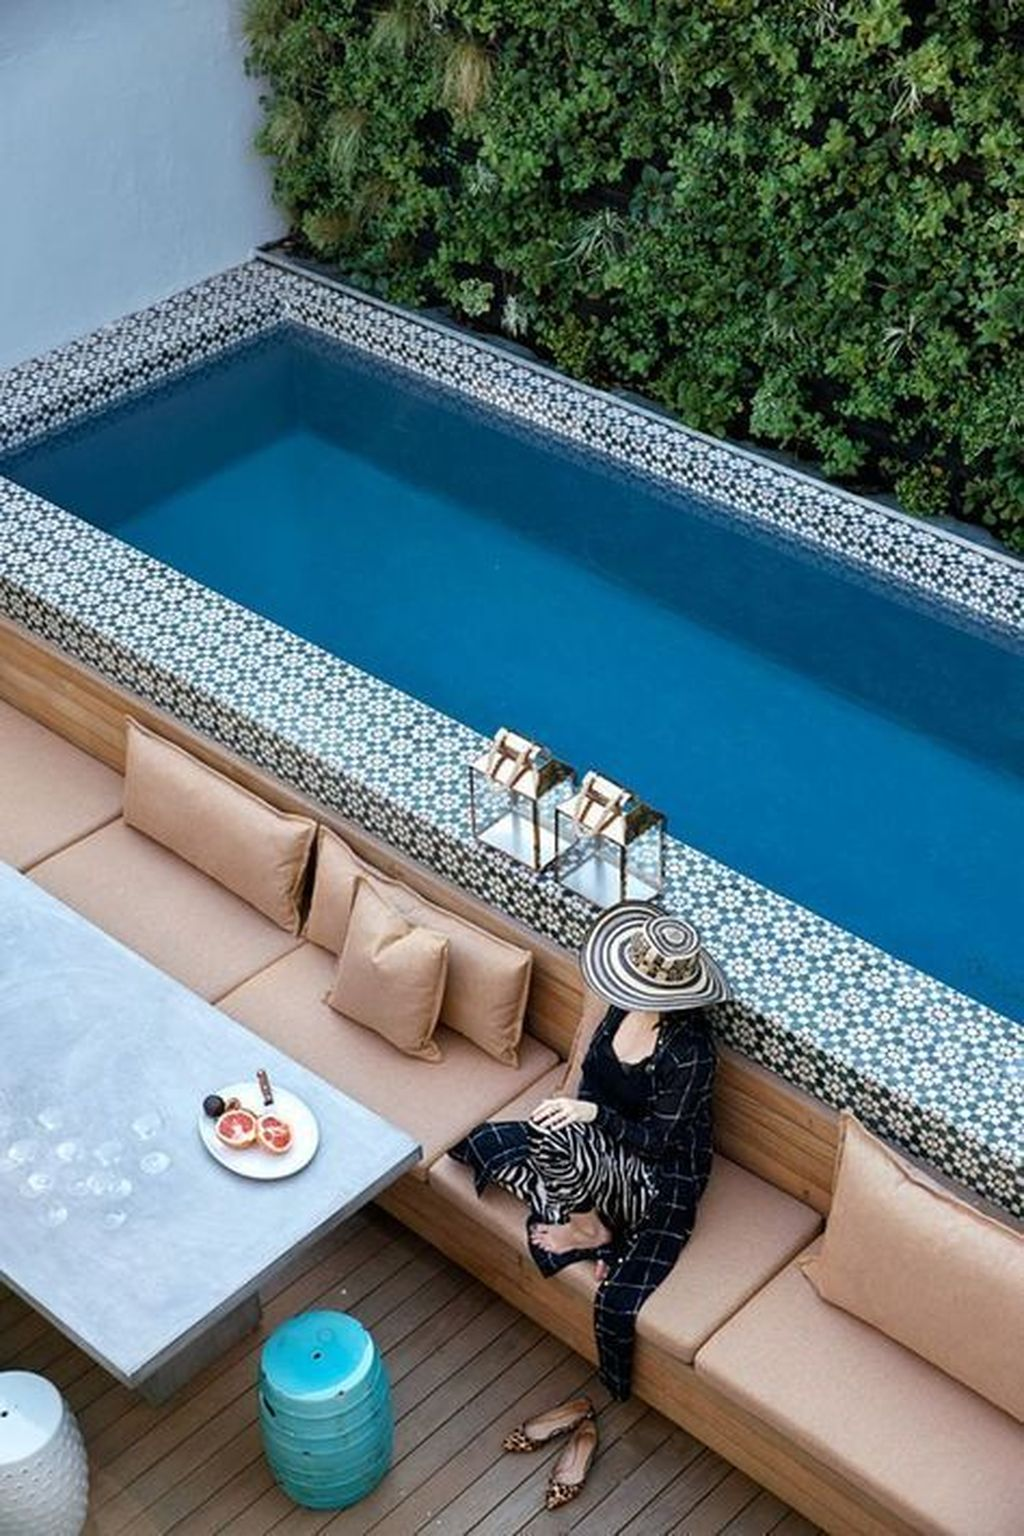 Popular Pool Design Ideas For Summertime 25